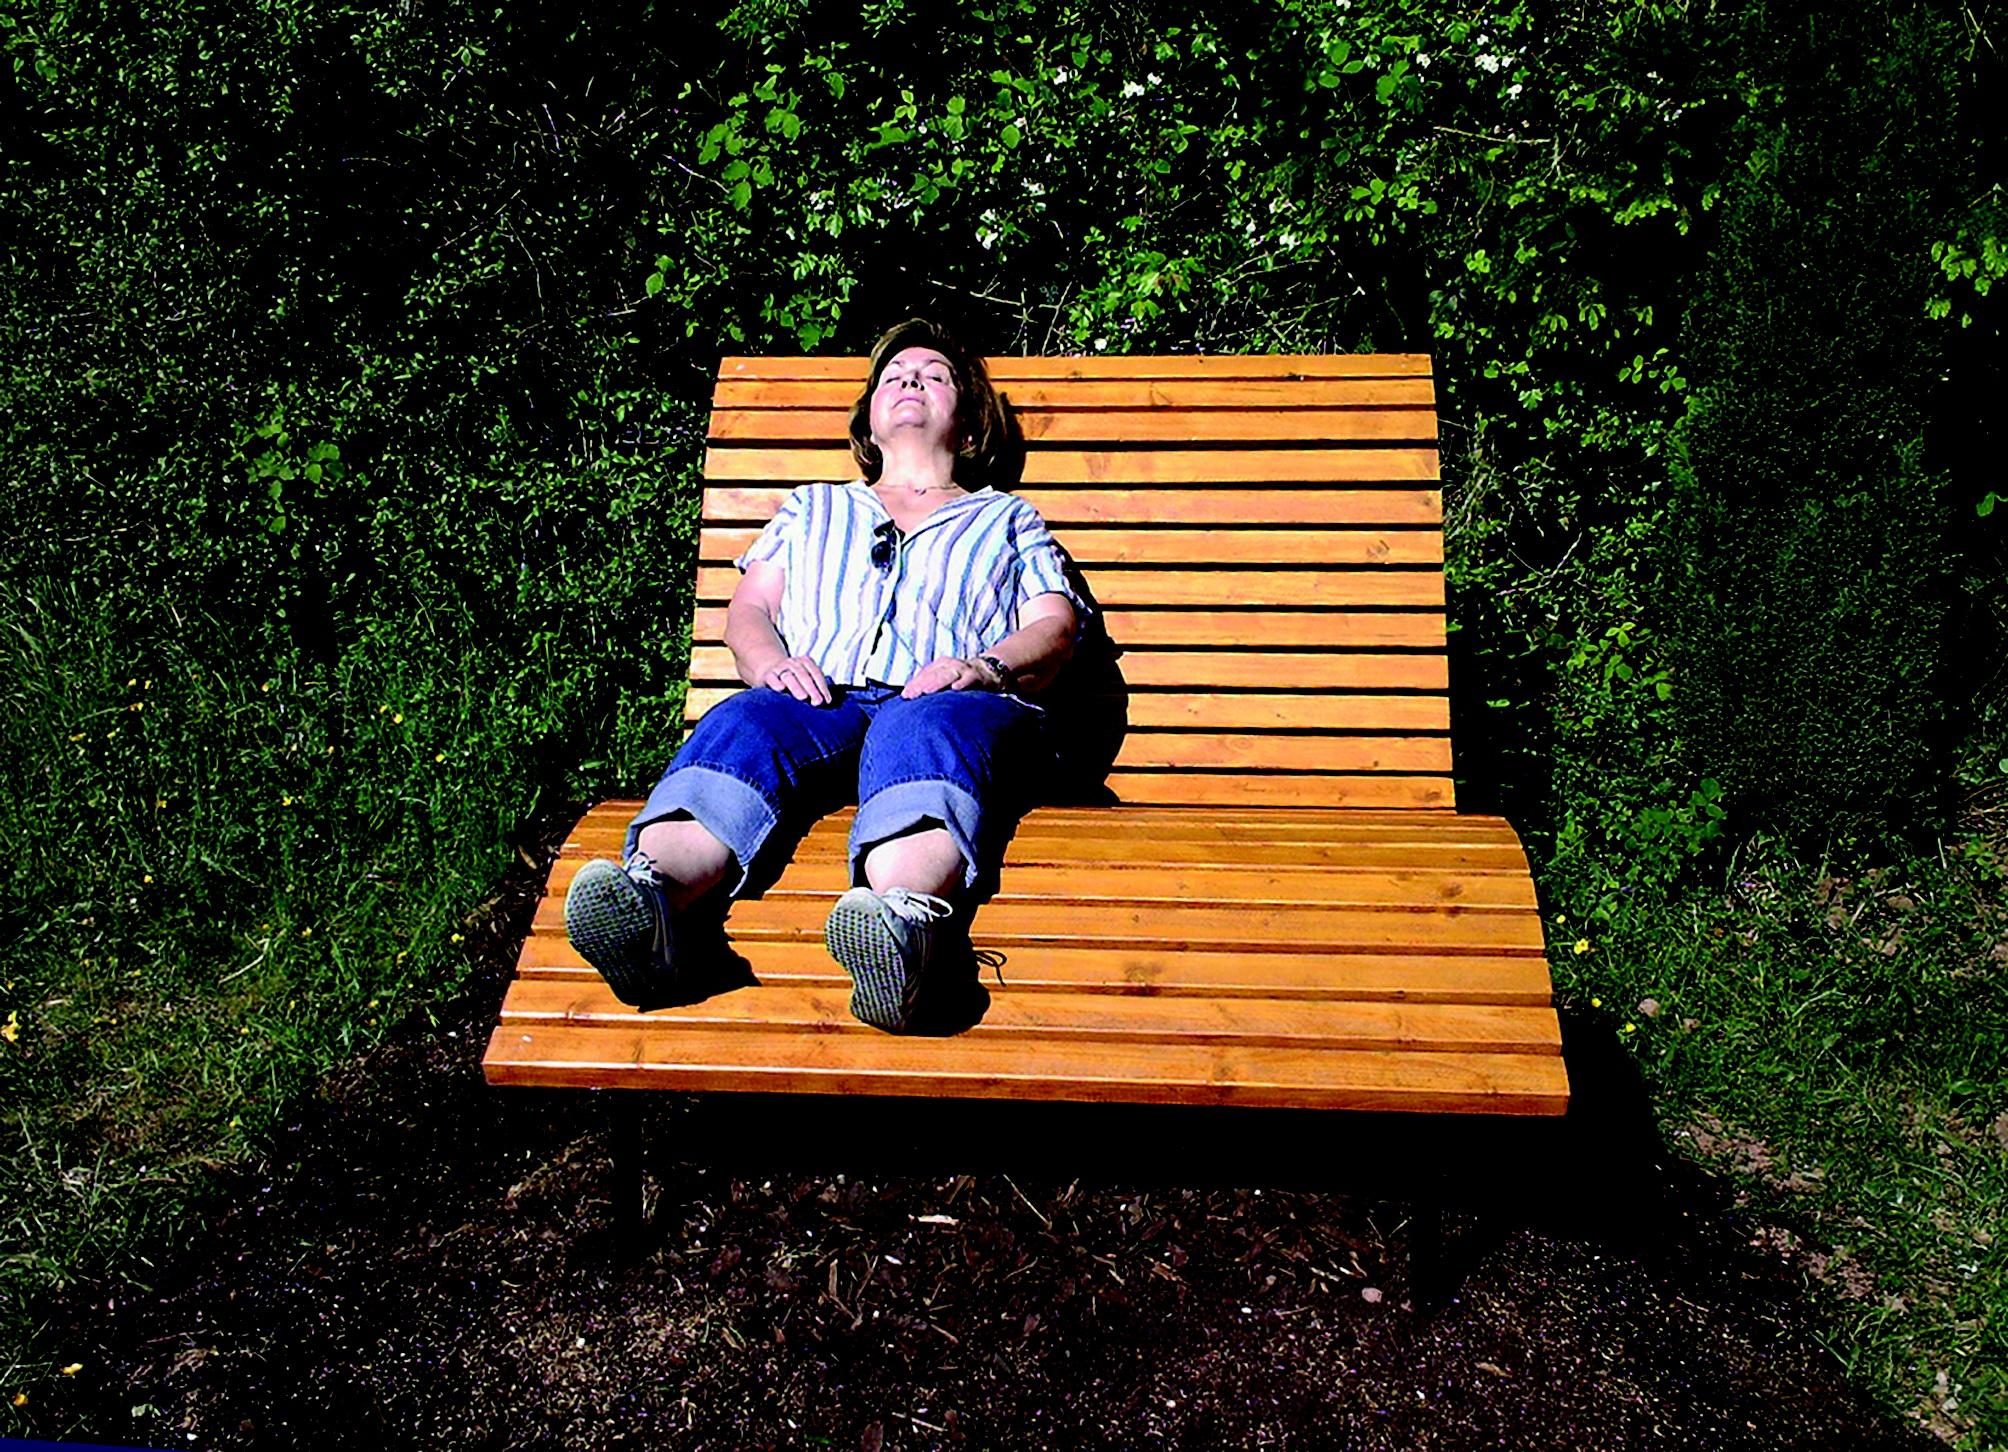 """Mulheres """"podem ficar tranquilas"""" sobre terapêutica hormonal na menopausa, esclarece Sociedade Médica"""